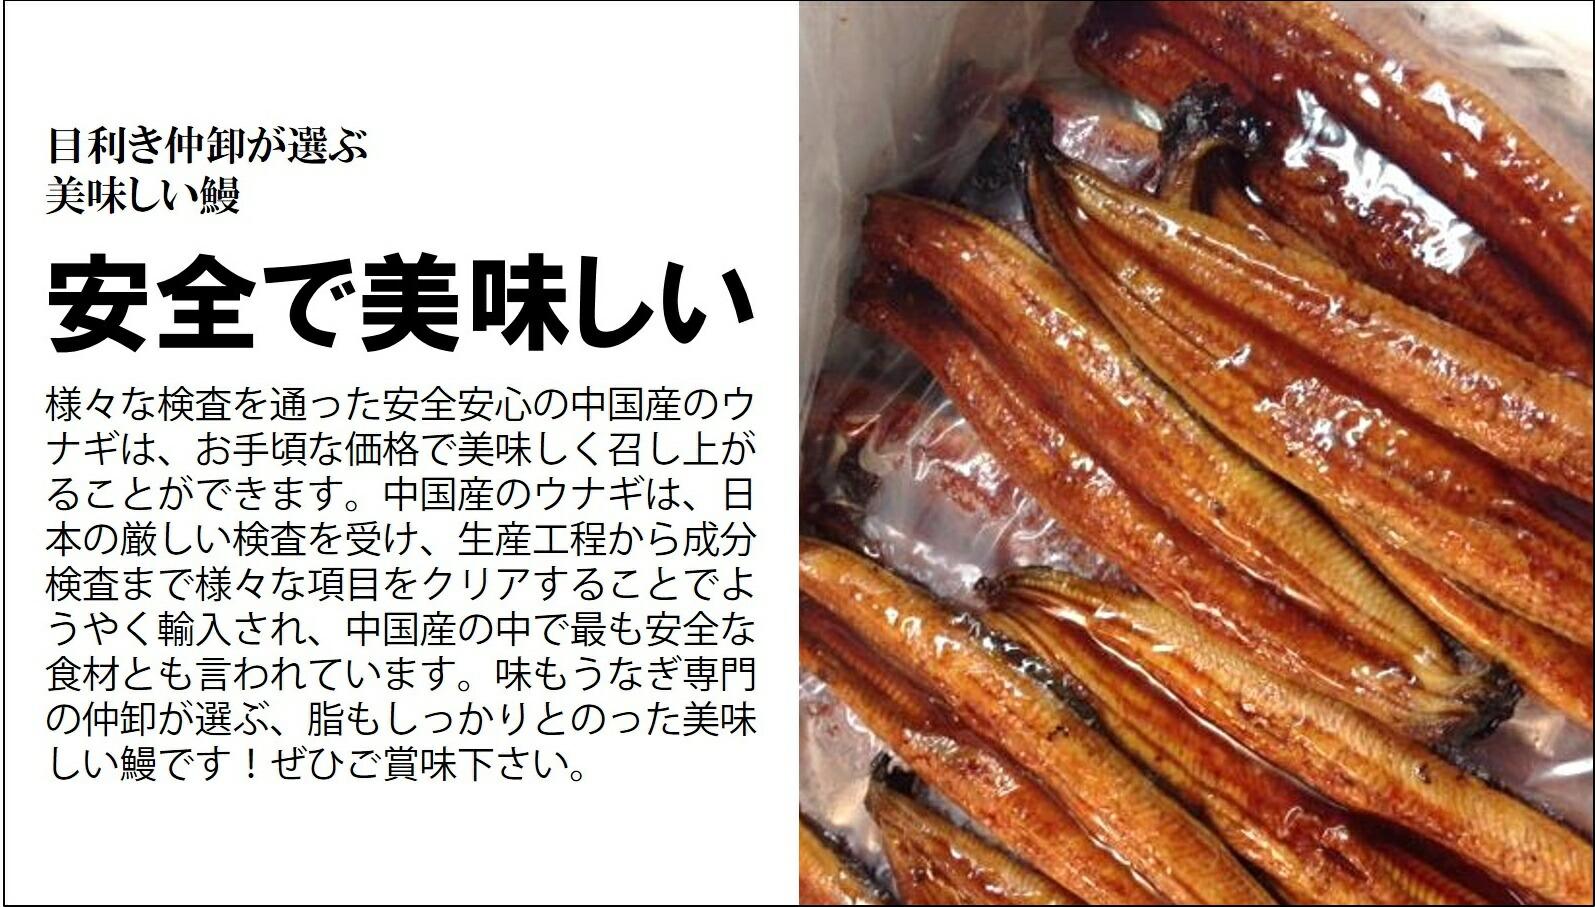 うなぎの蒲焼き 中国産